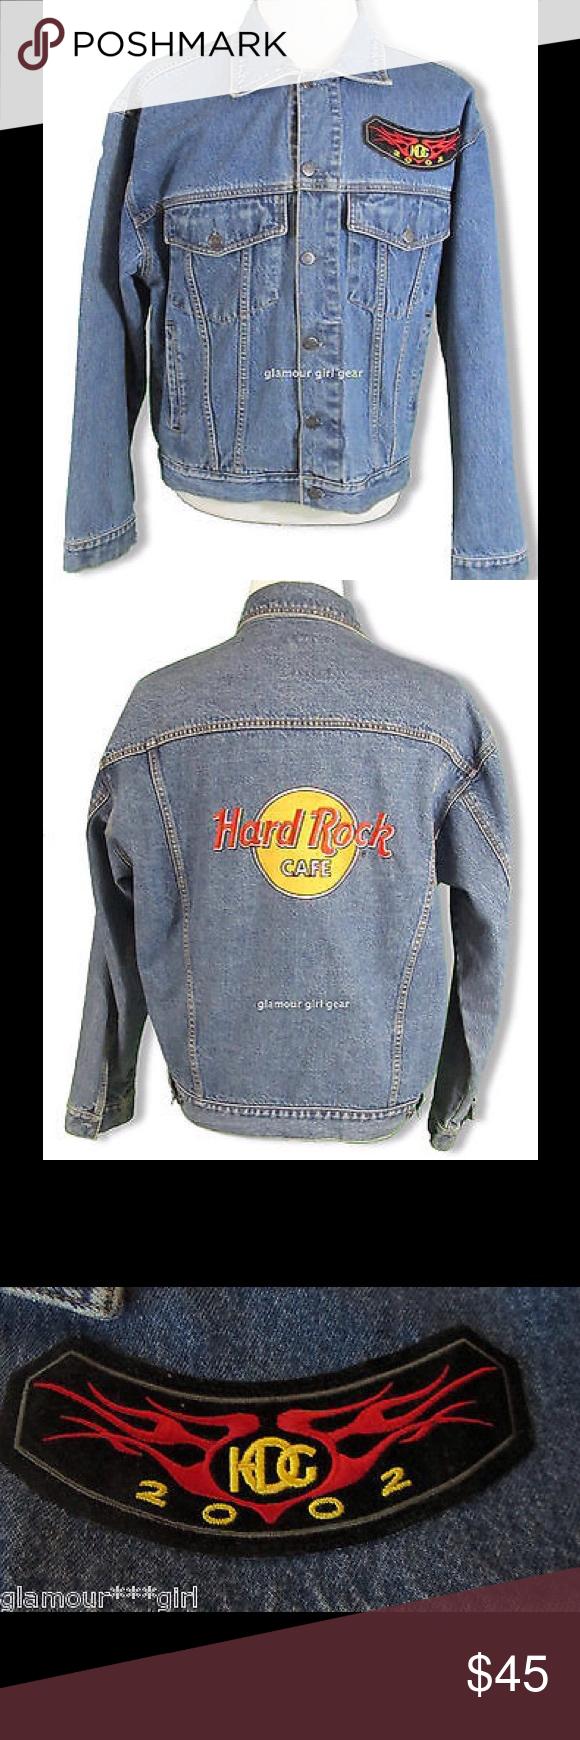 Hard Rock Cafe Biker Jacket Denim HOG 2002 LARGE Chest 50 length 24 hard rock cafe Jackets & Coats Bomber & Varsity